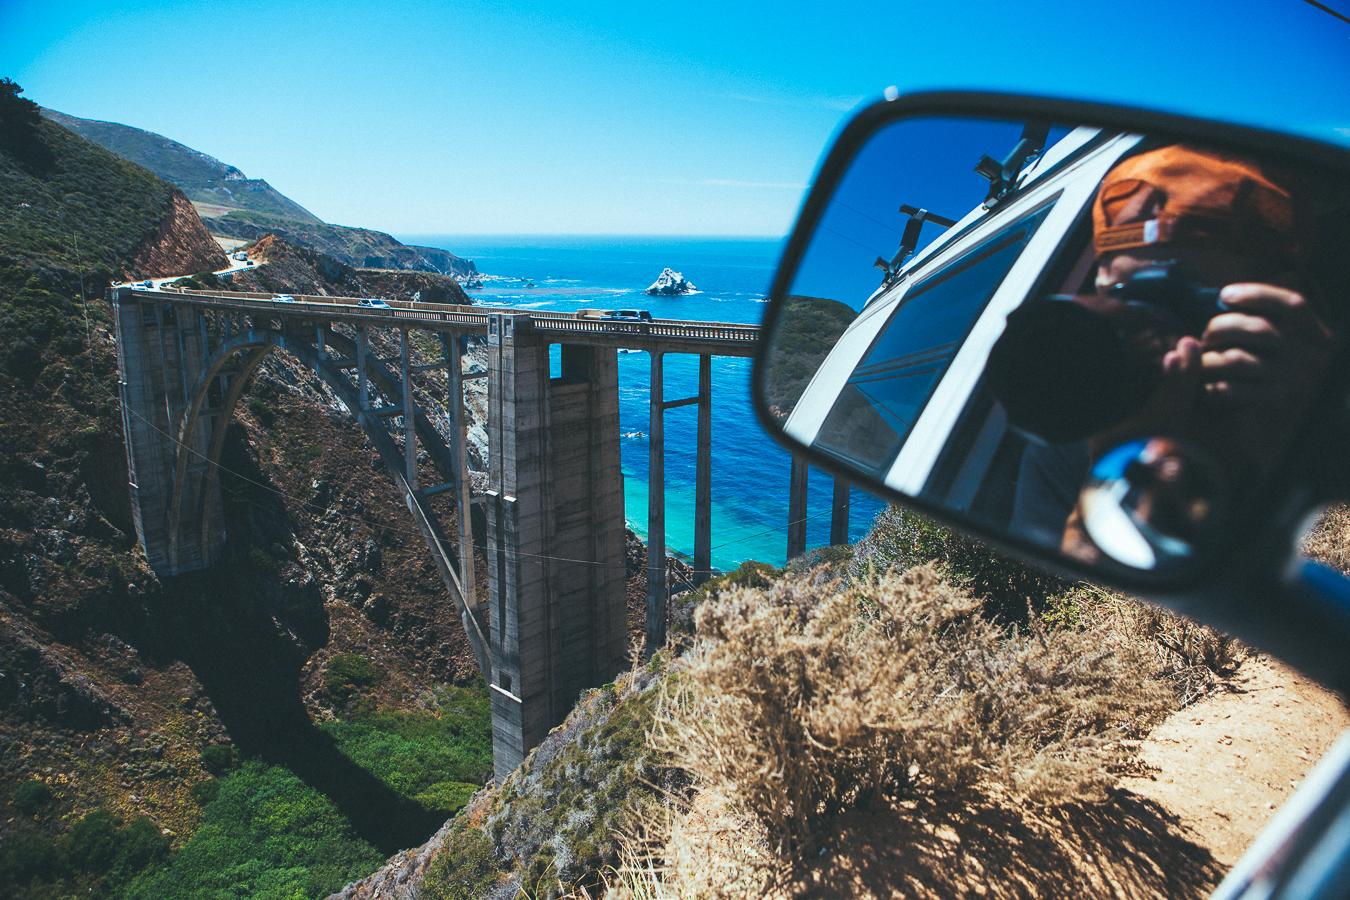 Mandatory selfie at 'that'bridge.